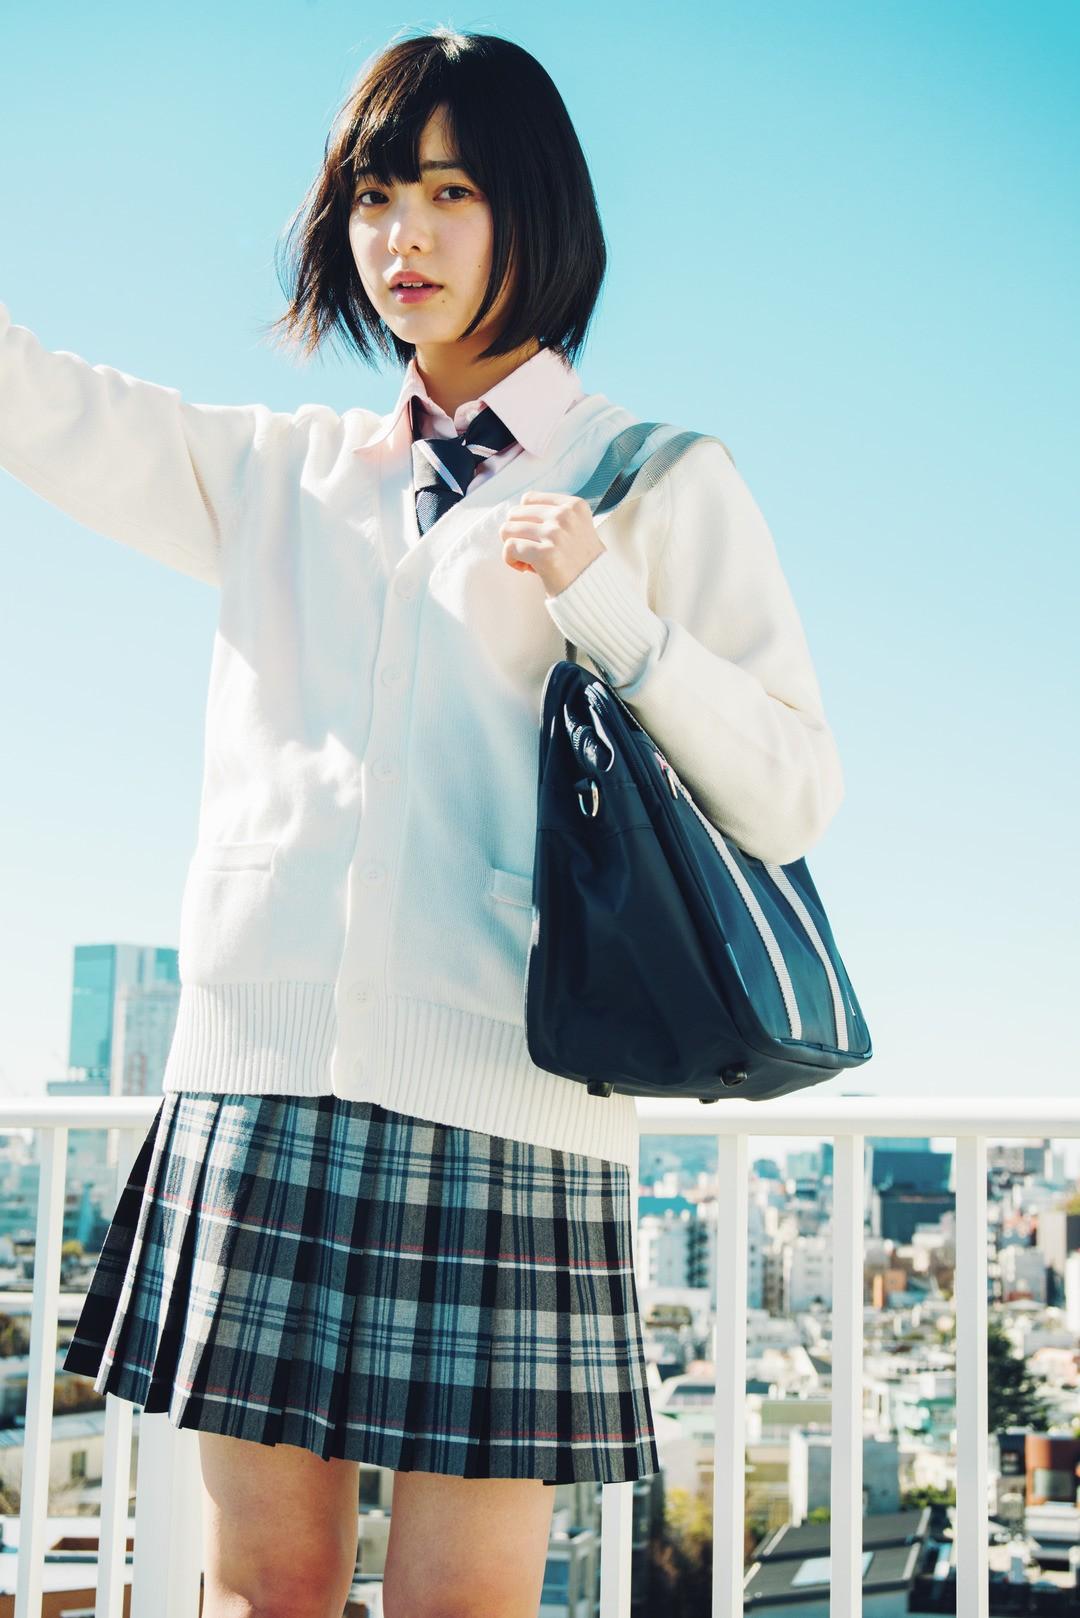 春カラー×白でクリーンな印象! 清楚系制服